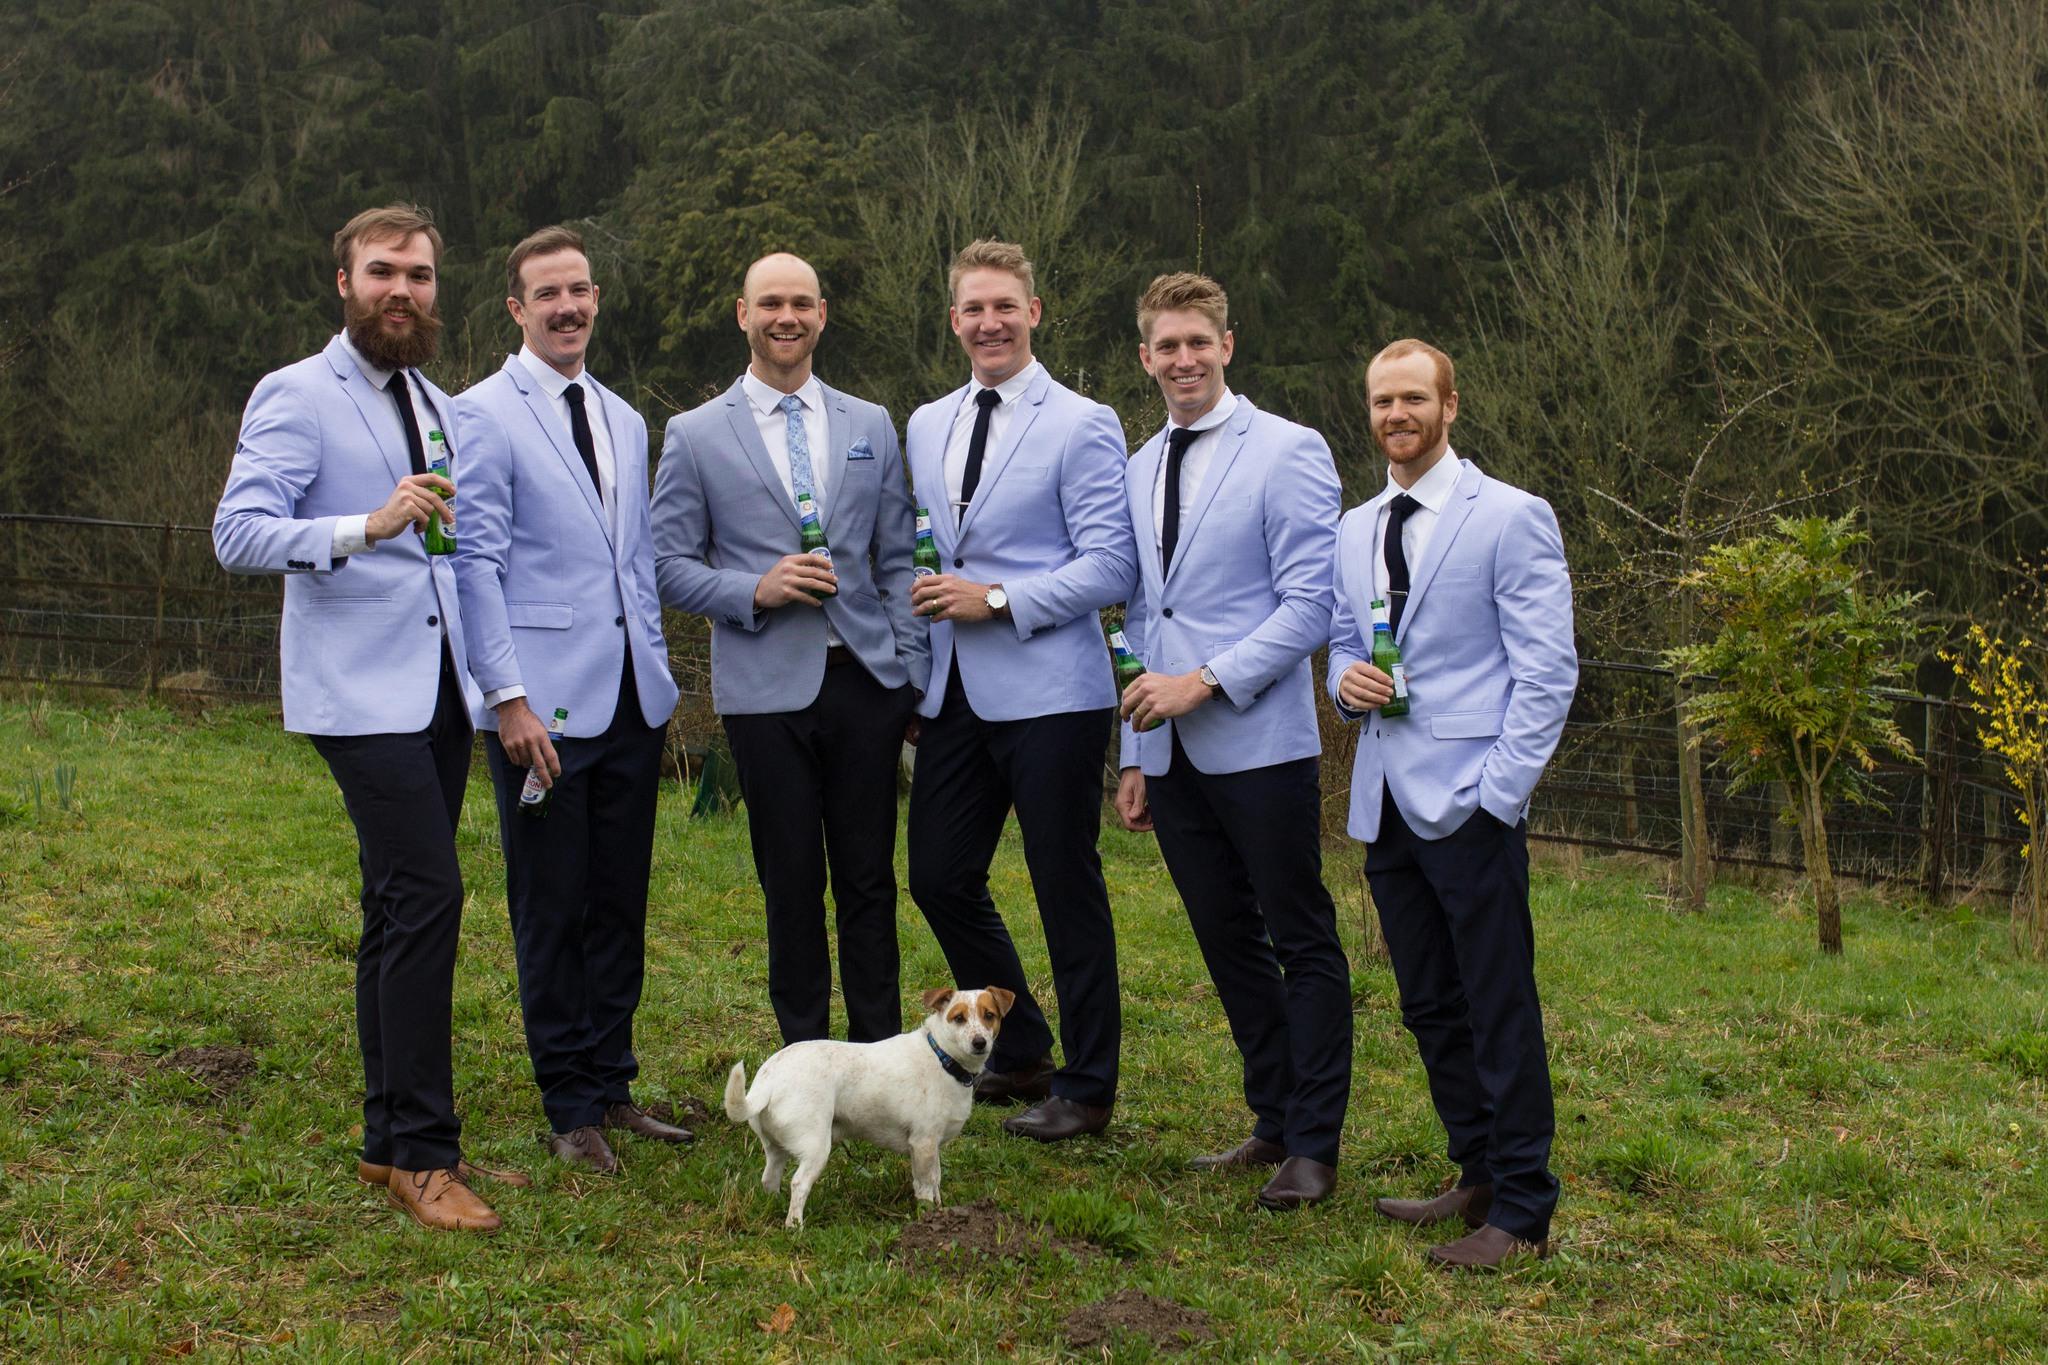 Groomsmen in YD Australia Jackets